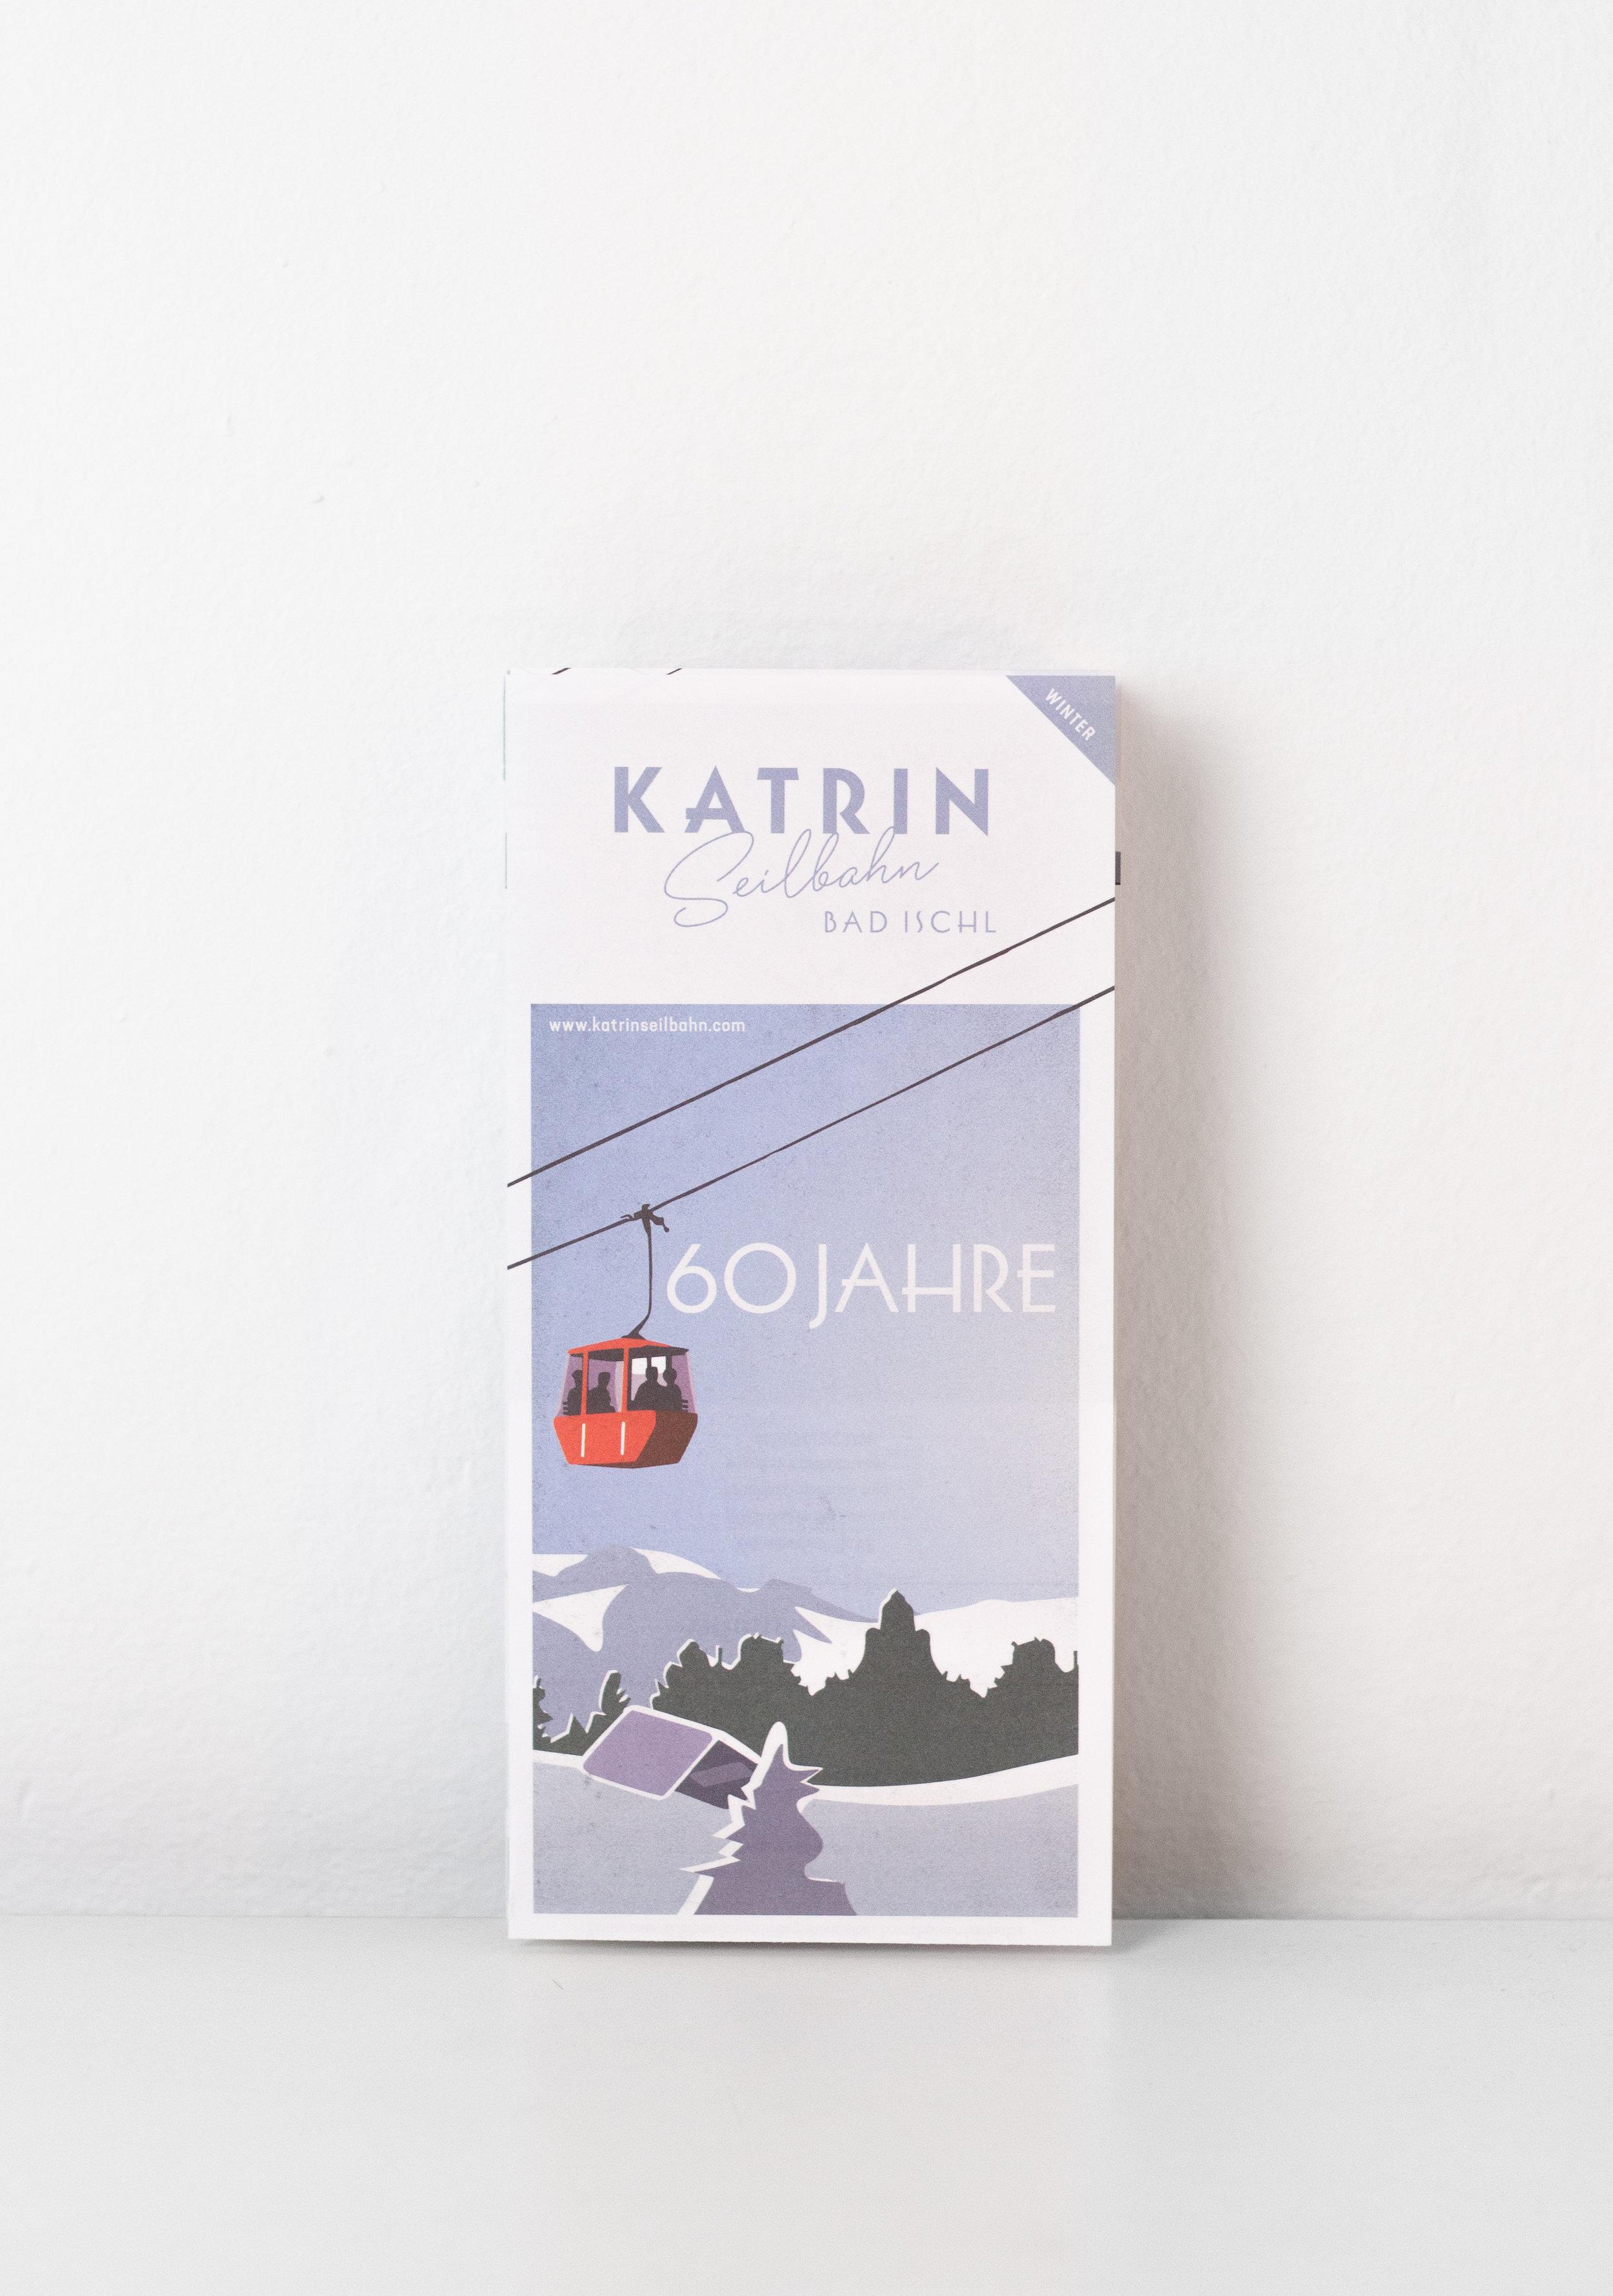 Katrin_folder_2019 (3 von 11).jpg